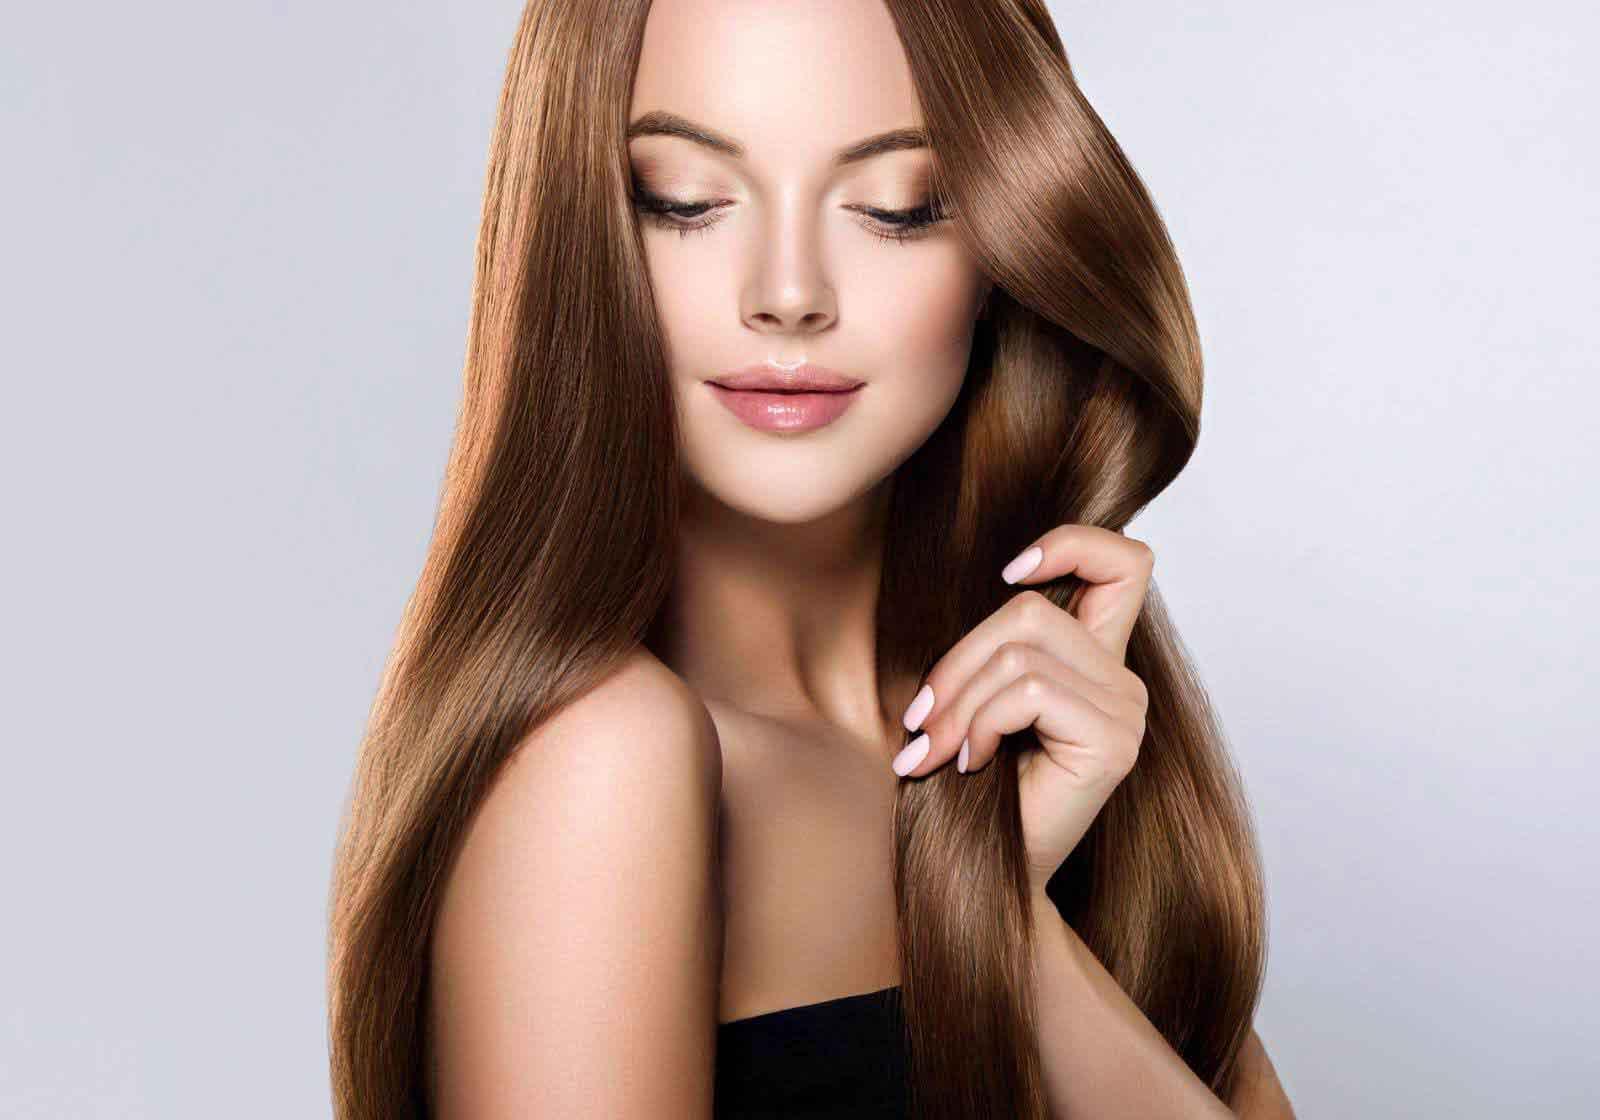 Không sử dụng nhiệt độ cao để làm khô tóc - cách chăm sóc tóc tại nhà hiệu quả